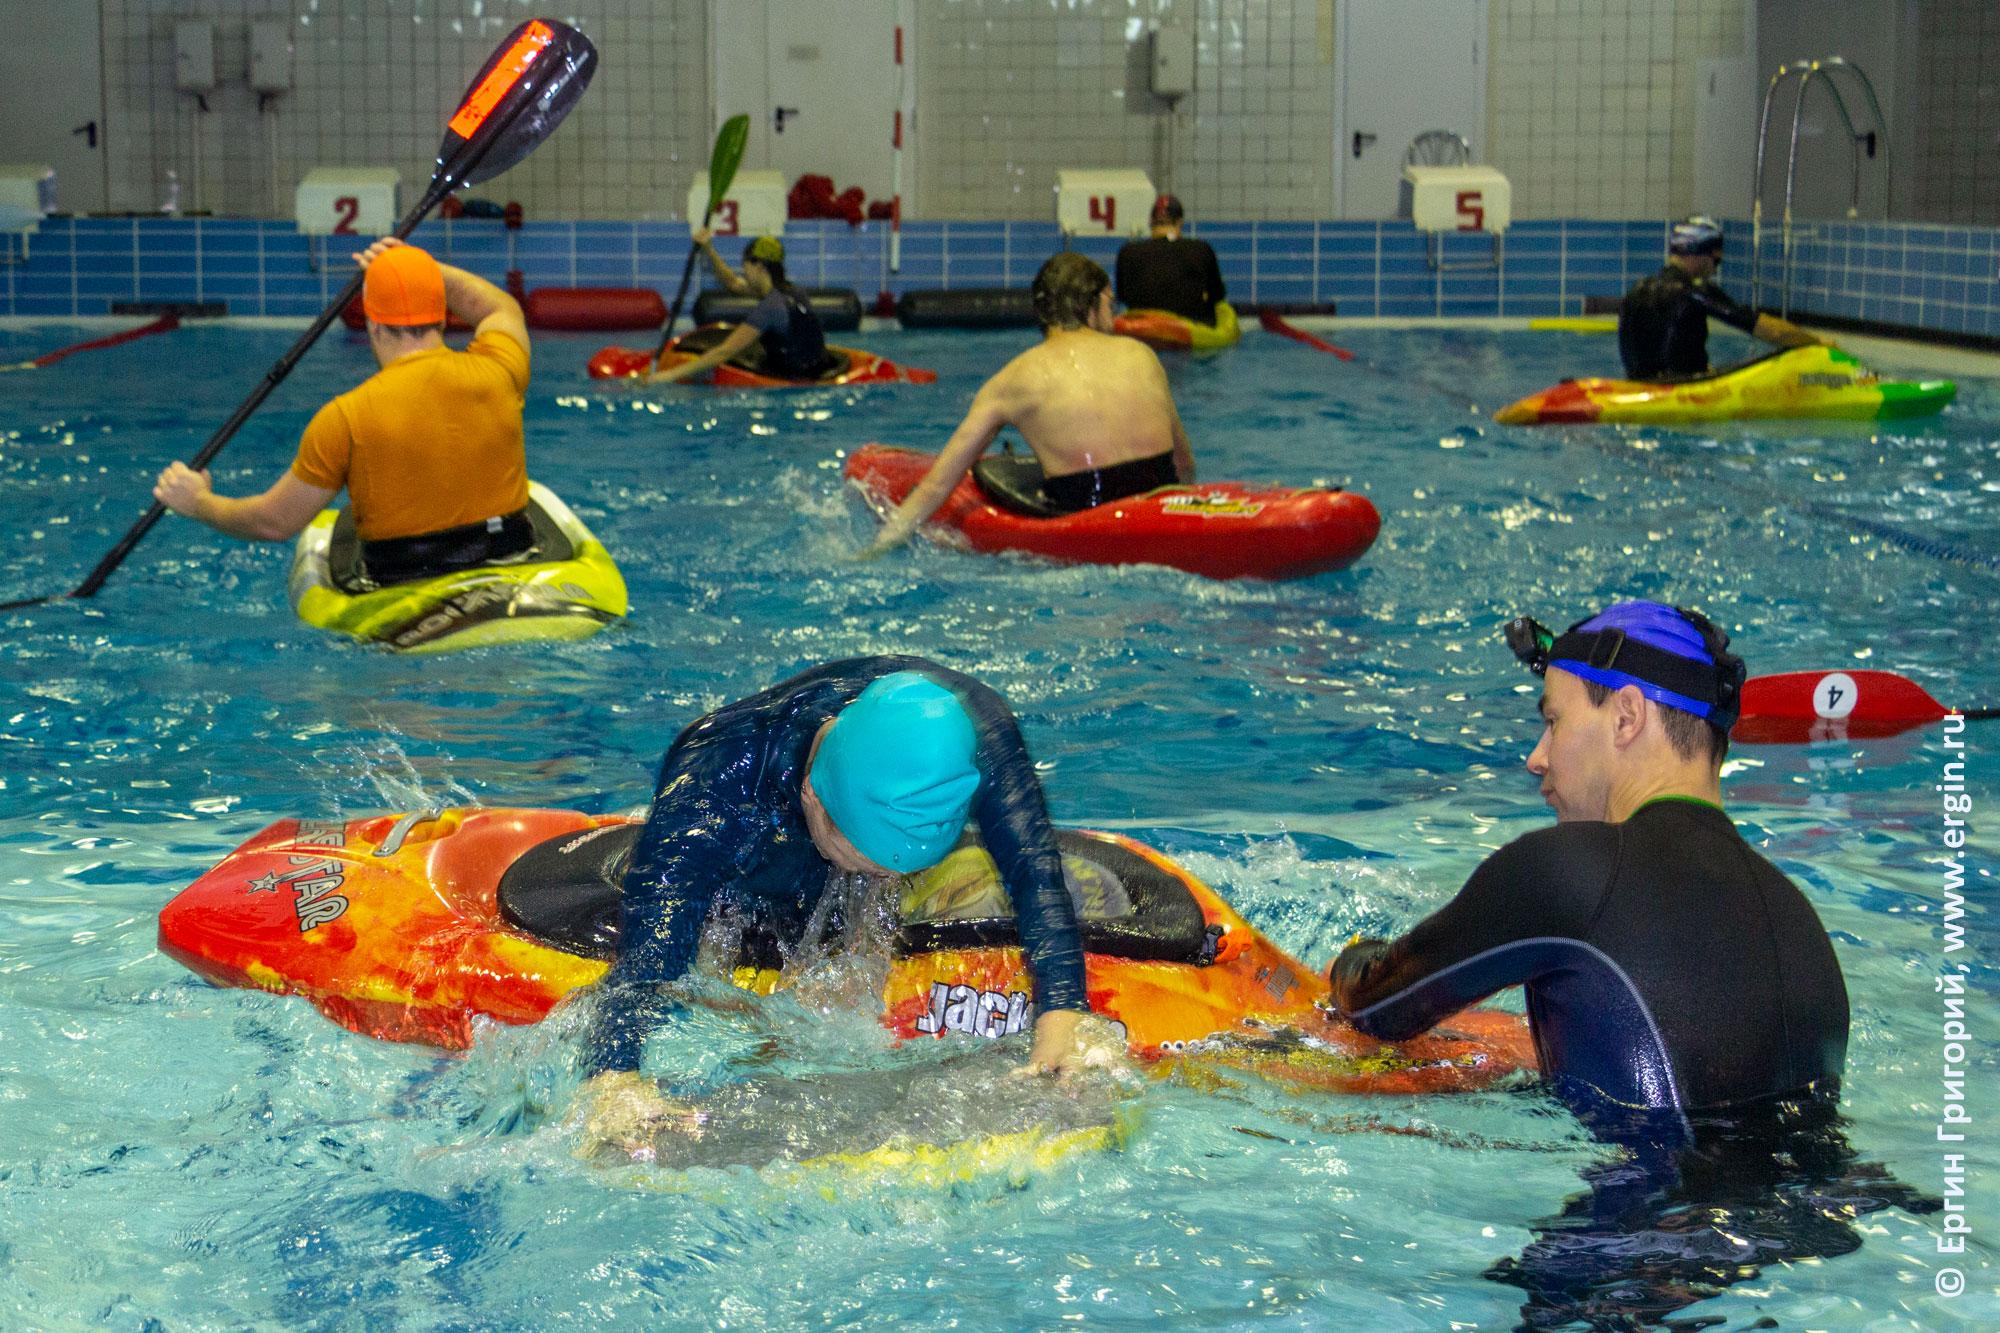 Тренировки на каяках в бассейне для начинающих: эскимосский переворот и начальные навыки гребли